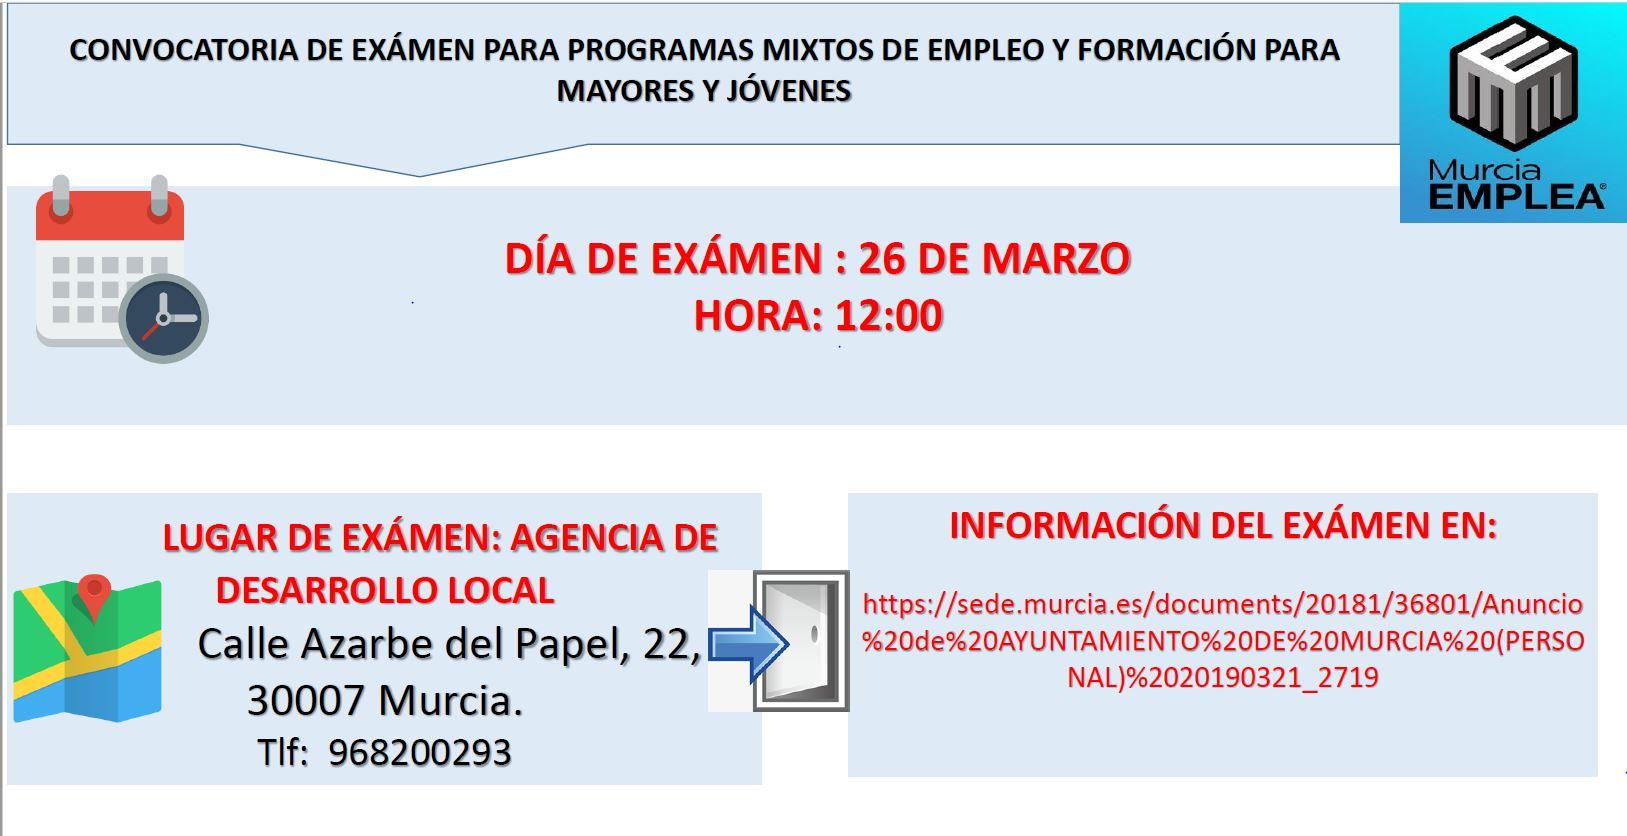 PRÓXIMA CONVOCATORIA DE EXÁMEN PARA PMEF-JV (PROGRAMA MIXTO DE EMPLEO Y FORMACIÓN)